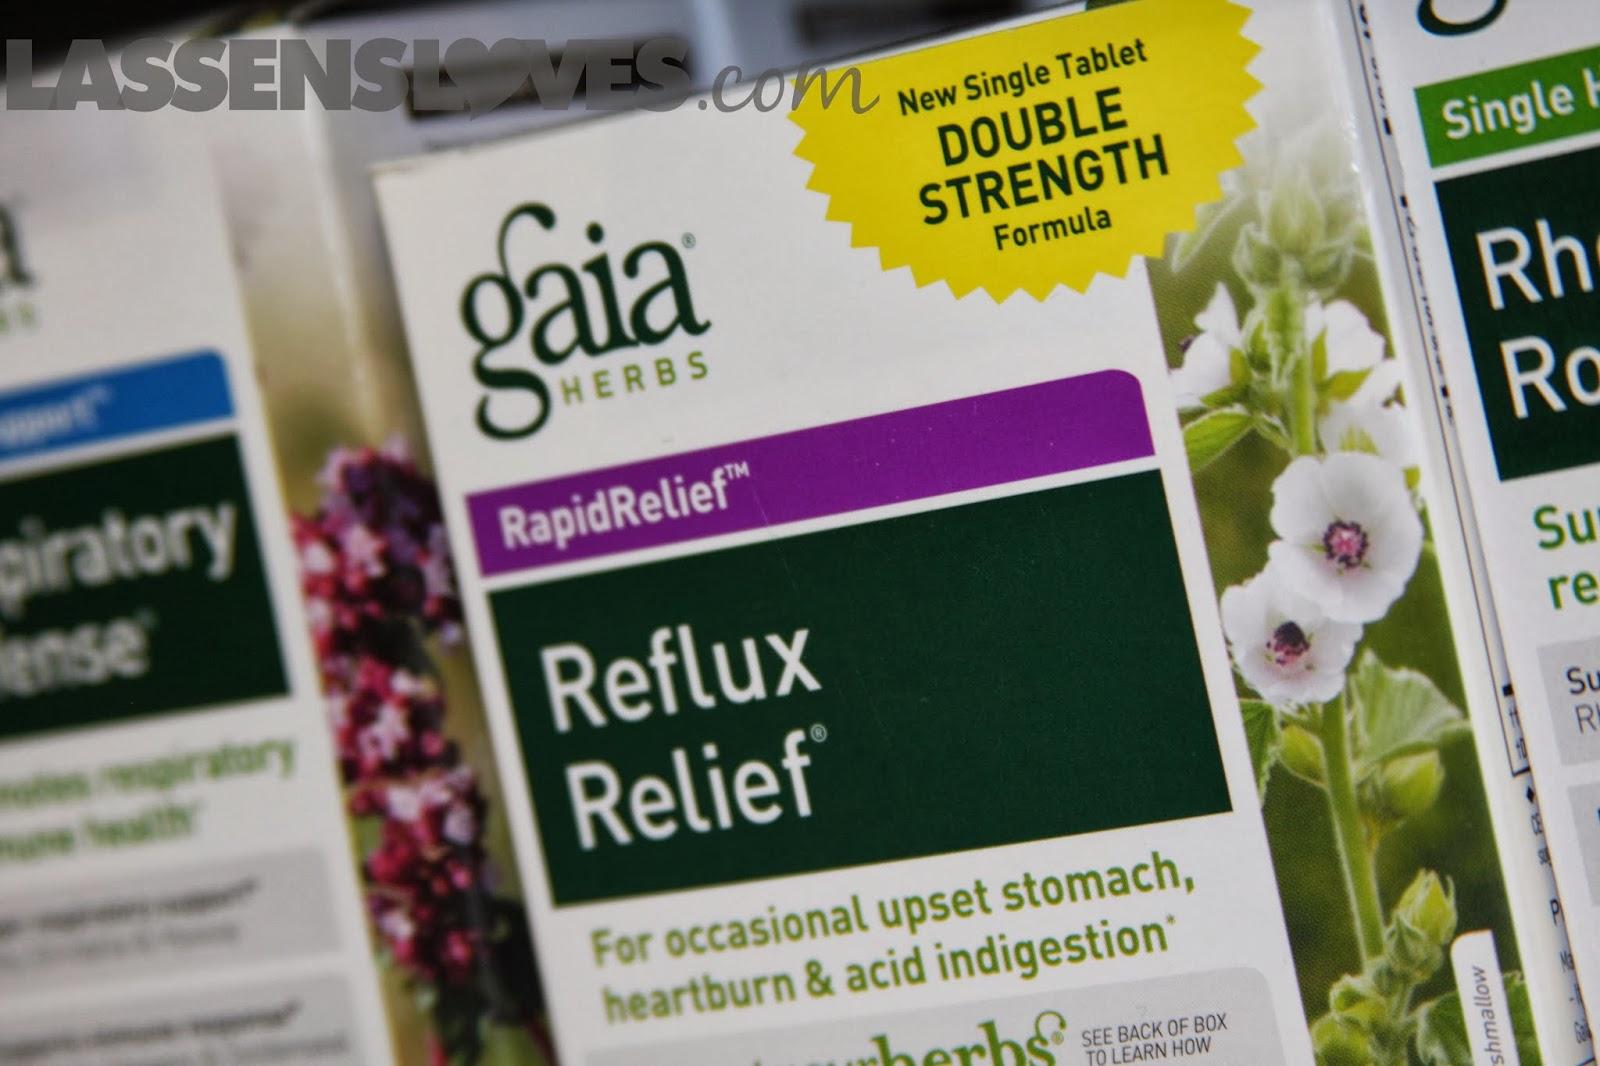 Gaia+Herbs